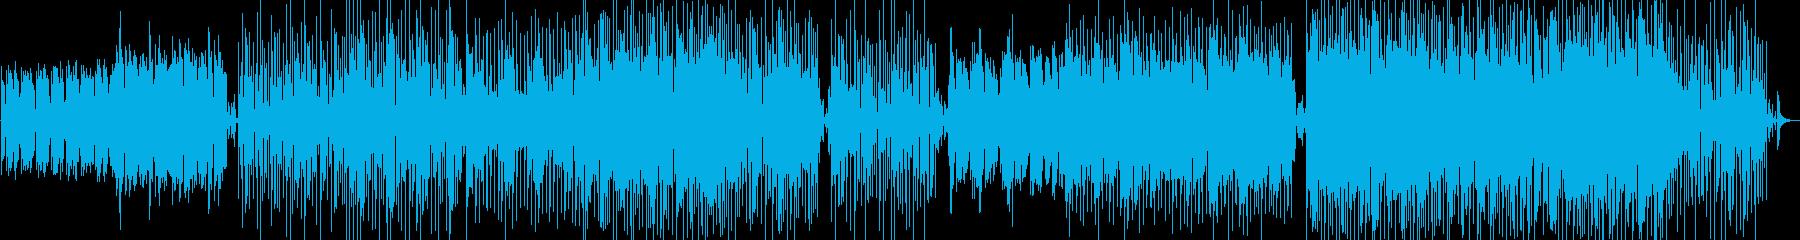 タンゴエレクトロ、映画のテーマ。ジ...の再生済みの波形